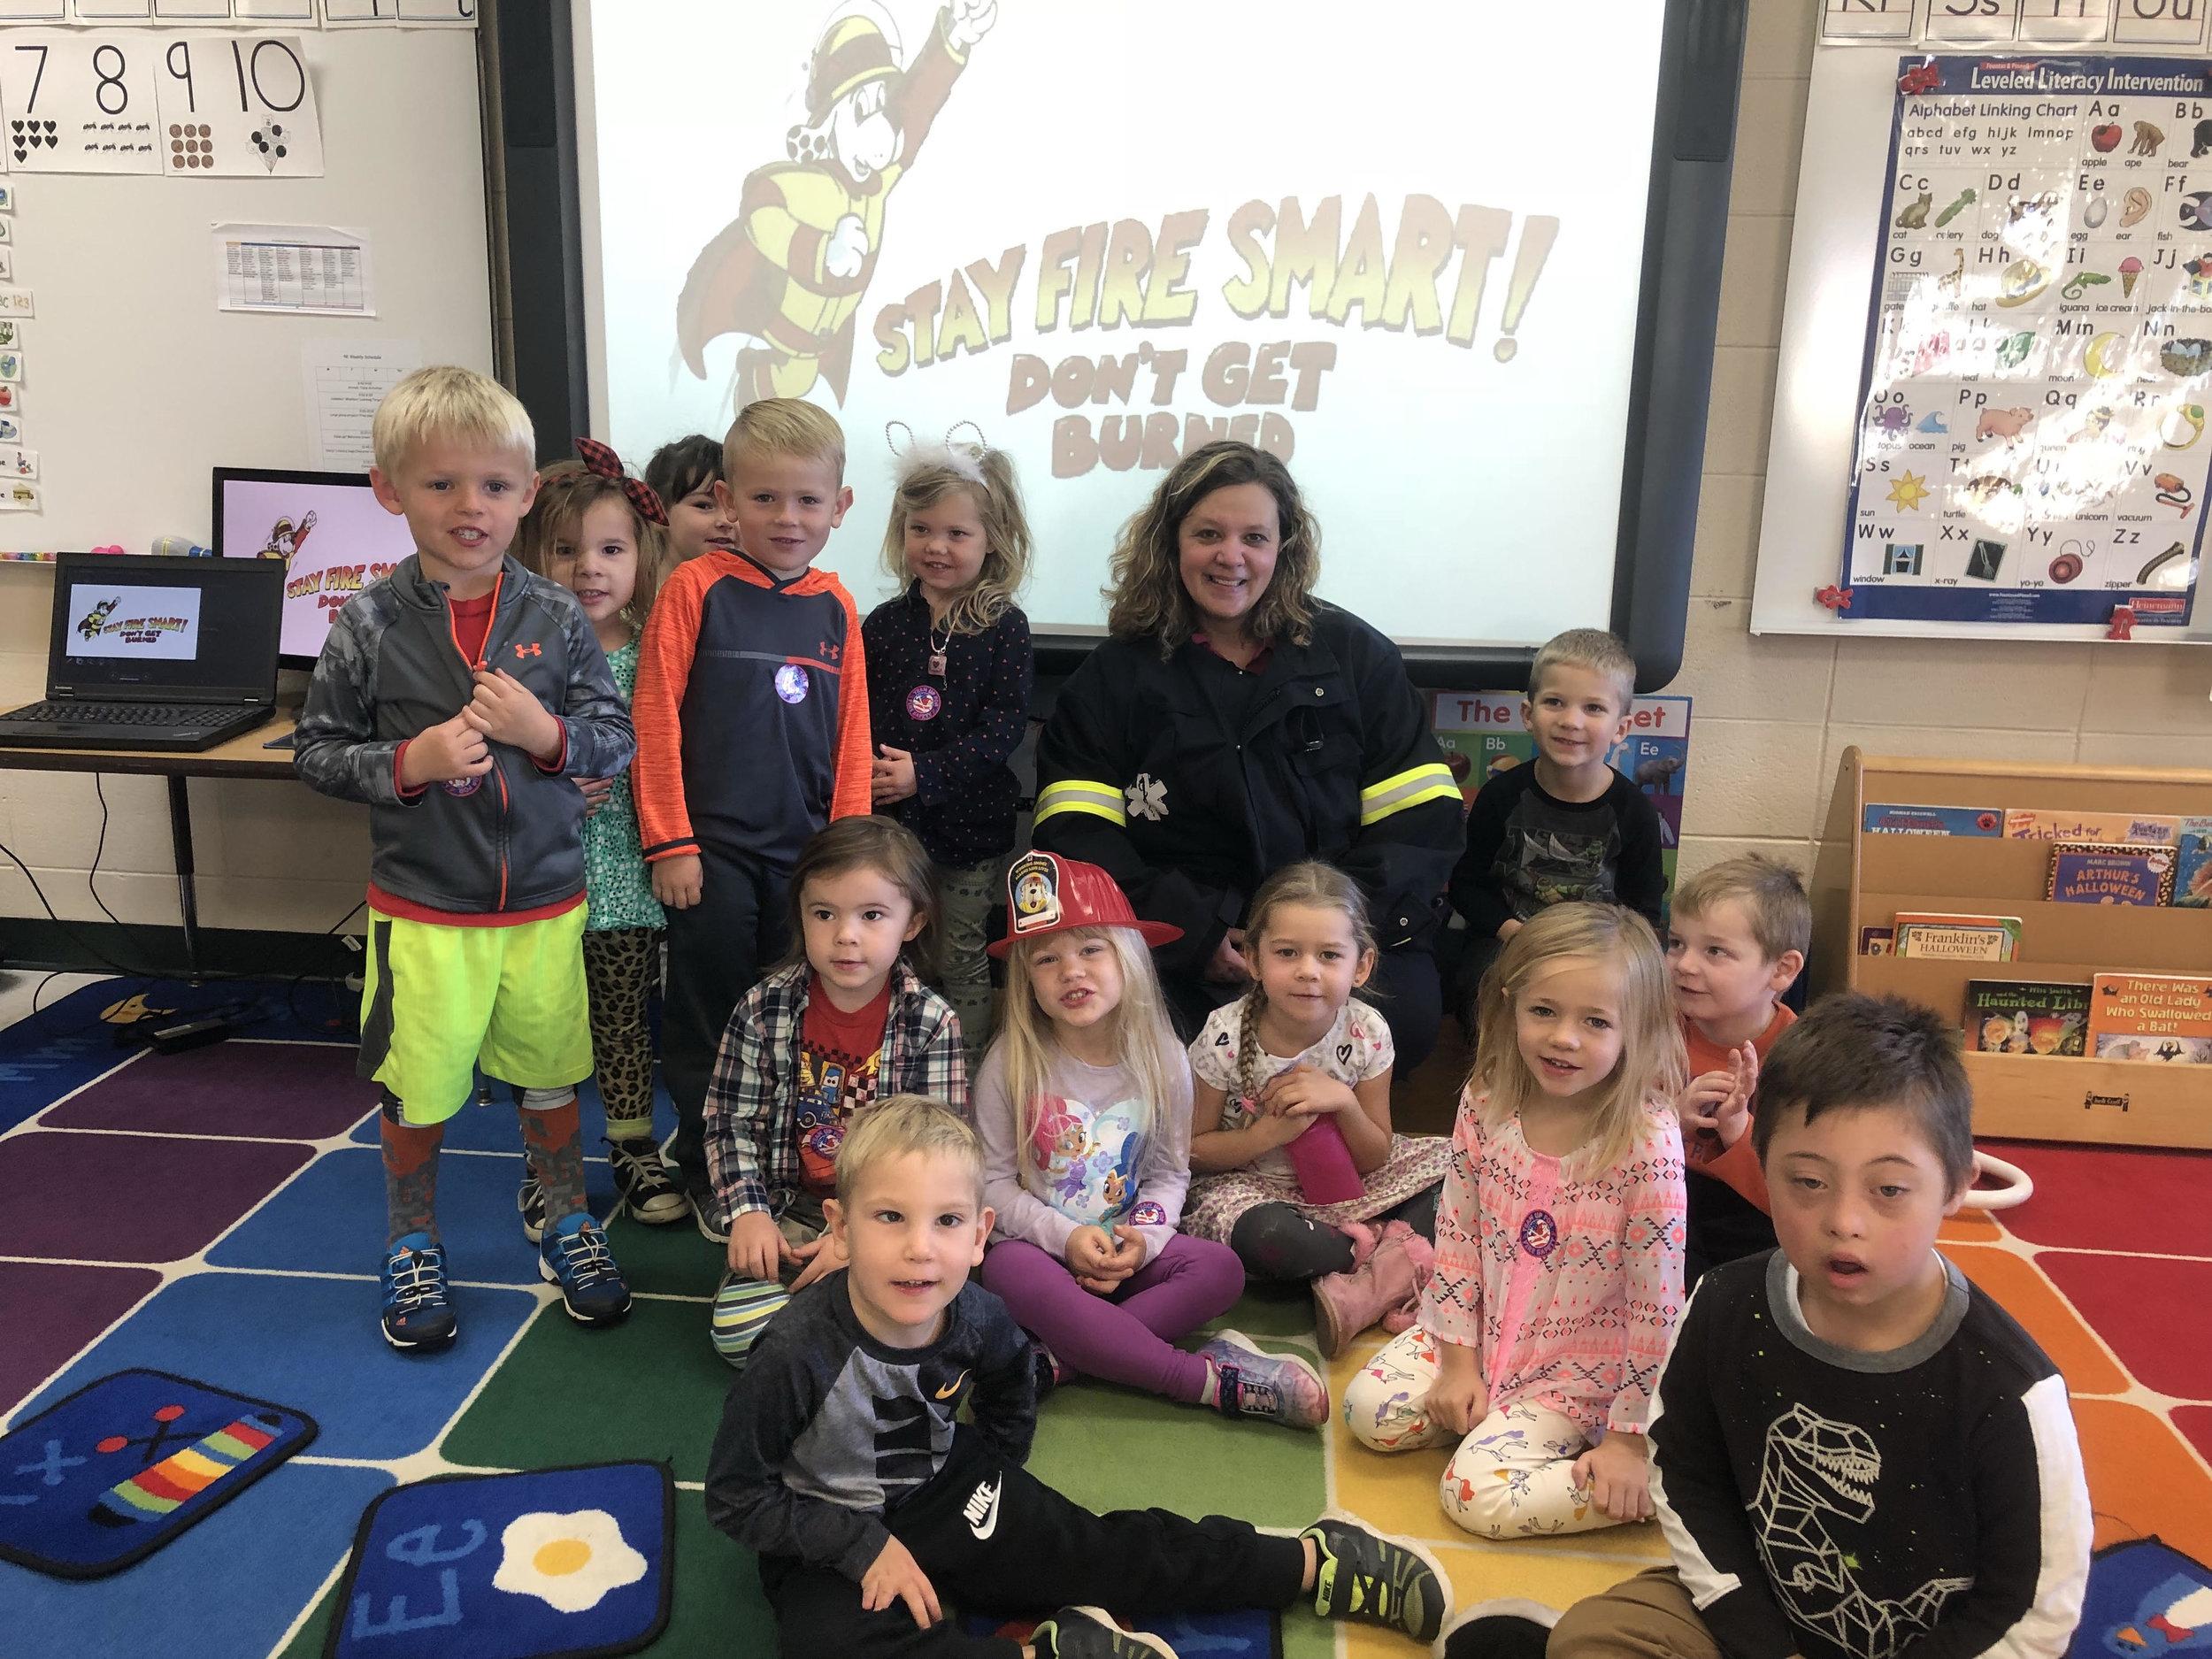 Fire Safety presentation